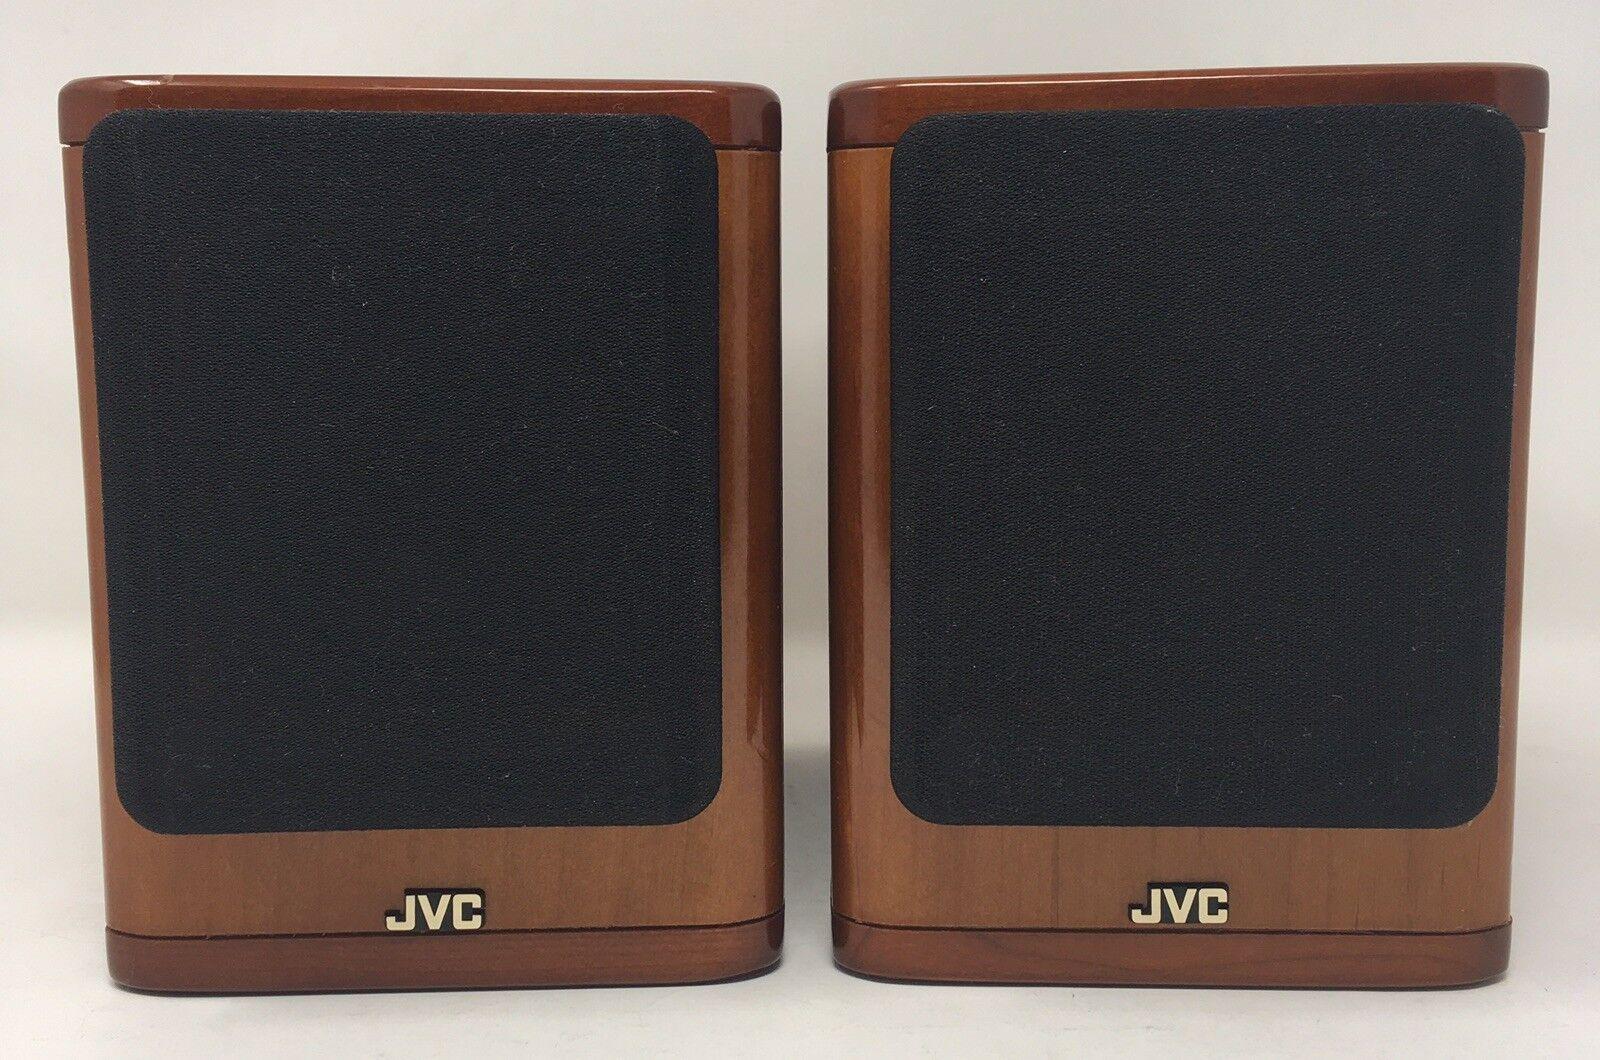 JVC SP-UX2000RGD Cherry Wood Speakers 20W 4 Ohms 4 1 2   x 7  x 6 1 8  Japan